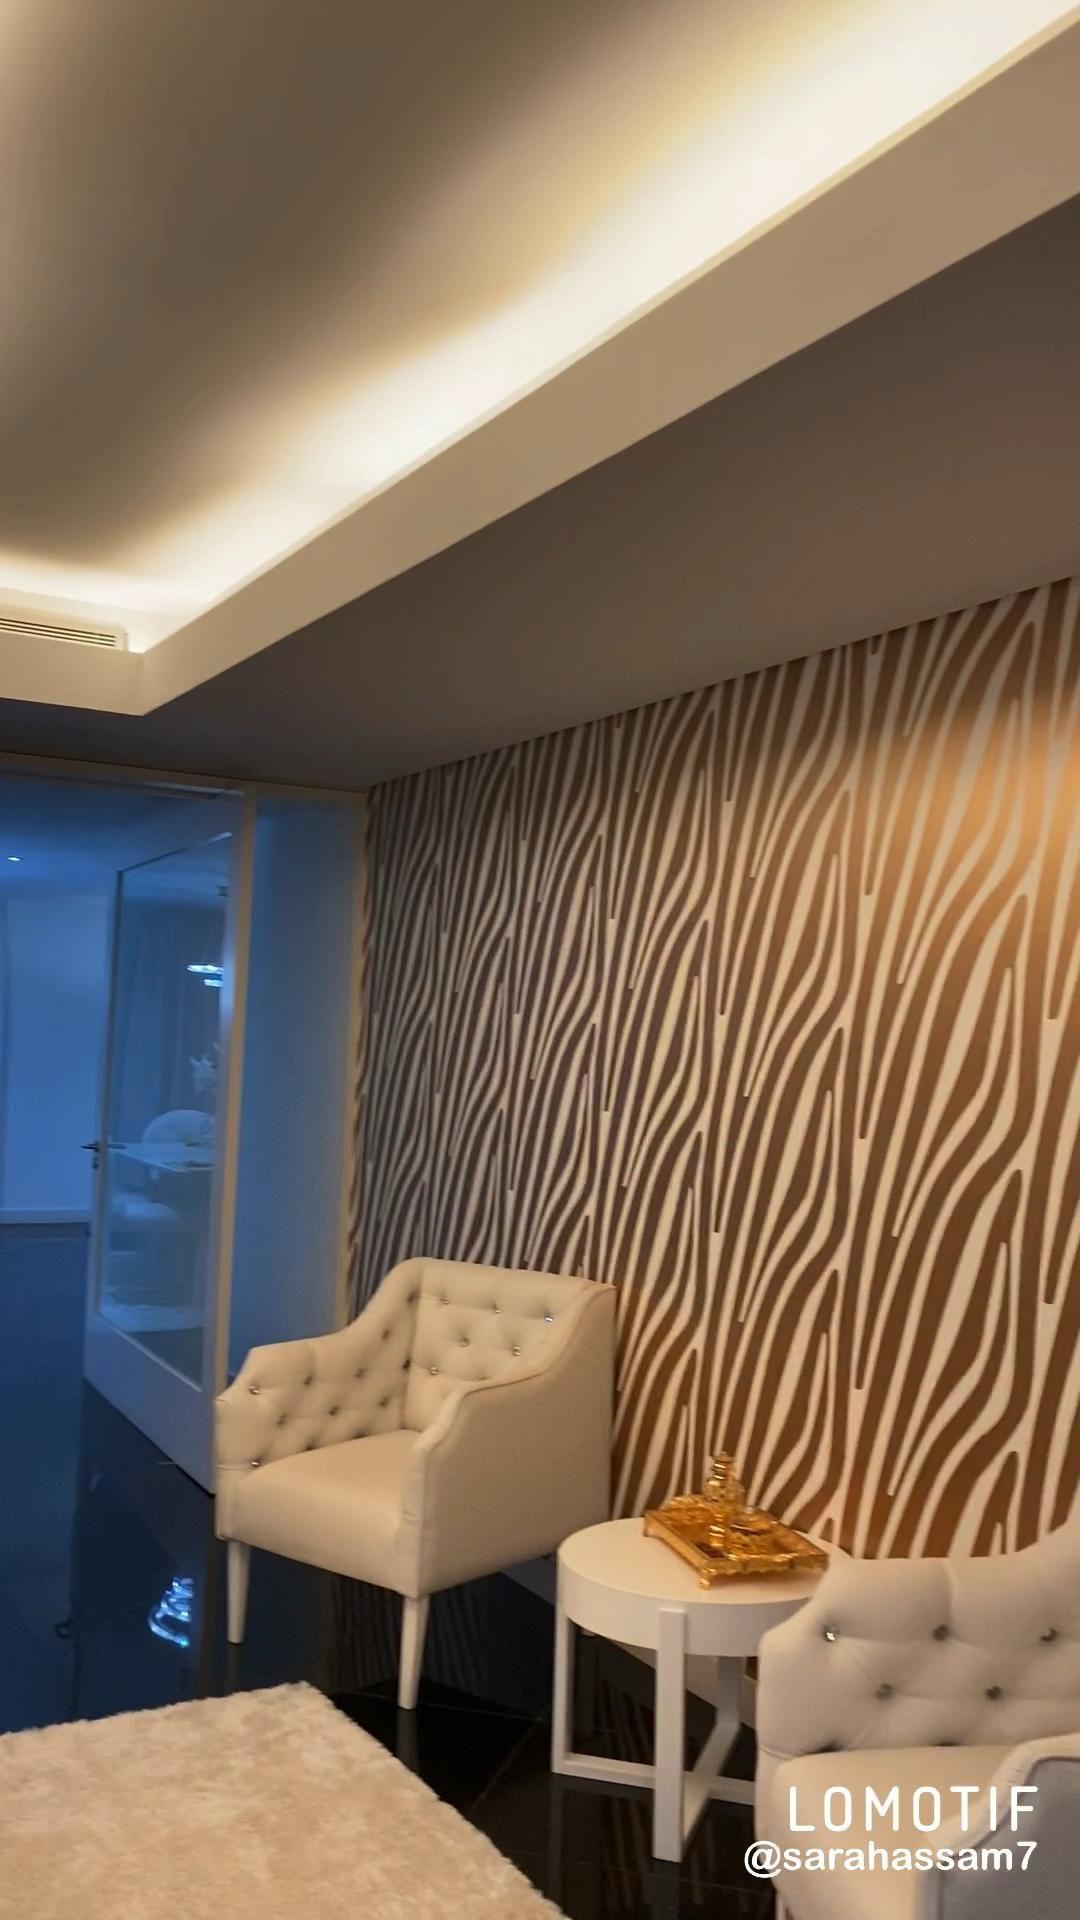 Gold entryway Decor #interiordesign #interiordesignideas #goldinterior #entrywaydecorating #entrywayideas